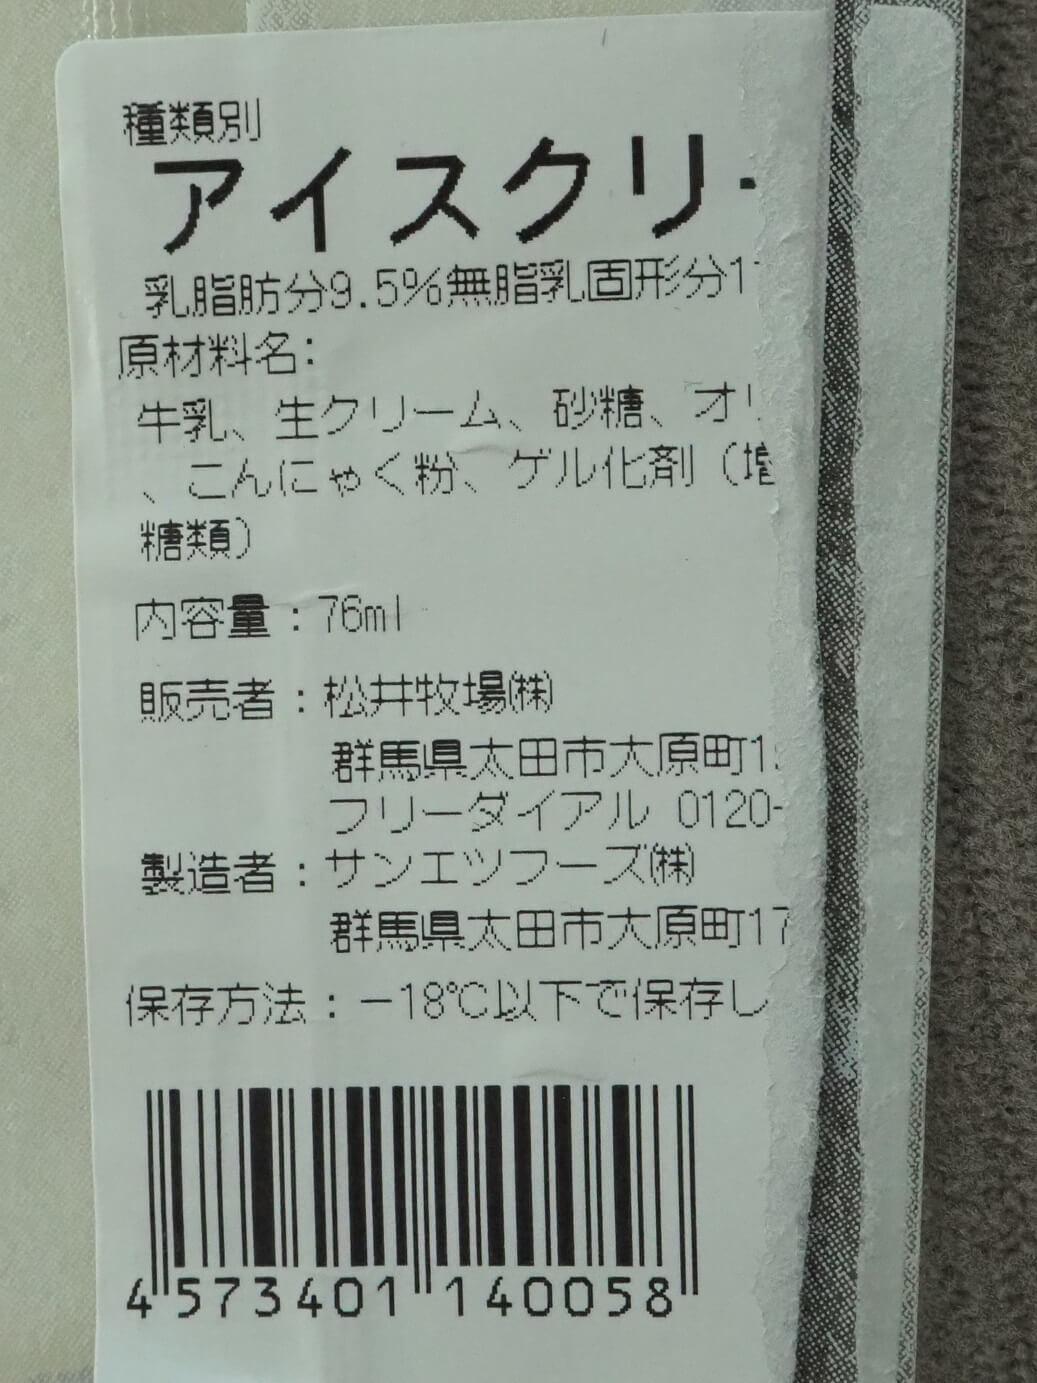 松井牧場ミルクアイス 明細